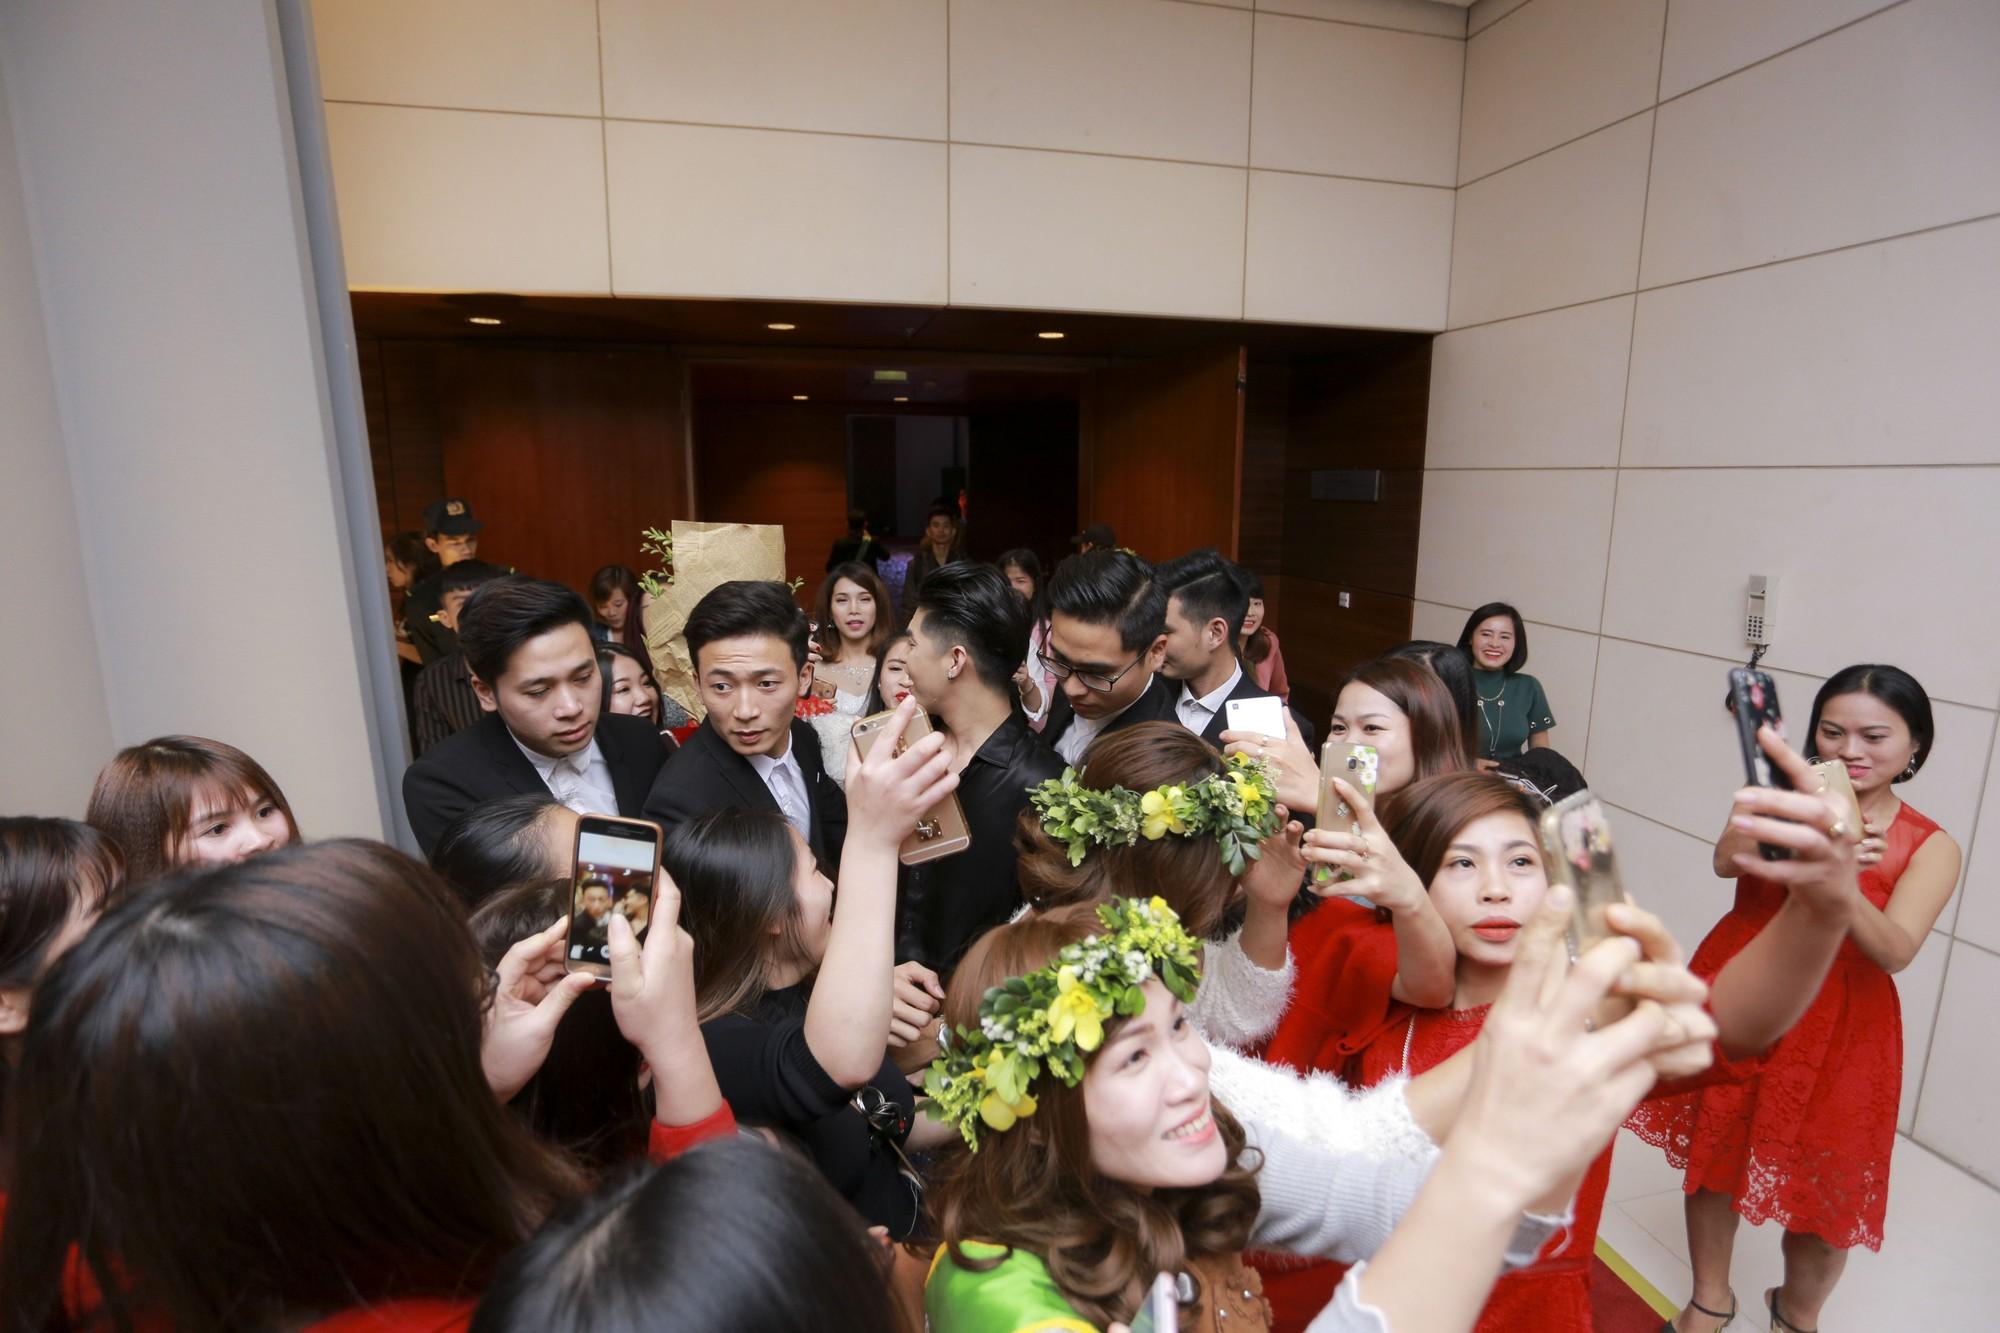 Noo Phước Thịnh vẫn tươi cười vui vẻ dù bị người hâm mộ bao vây khi rời khỏi sự kiện - Ảnh 4.